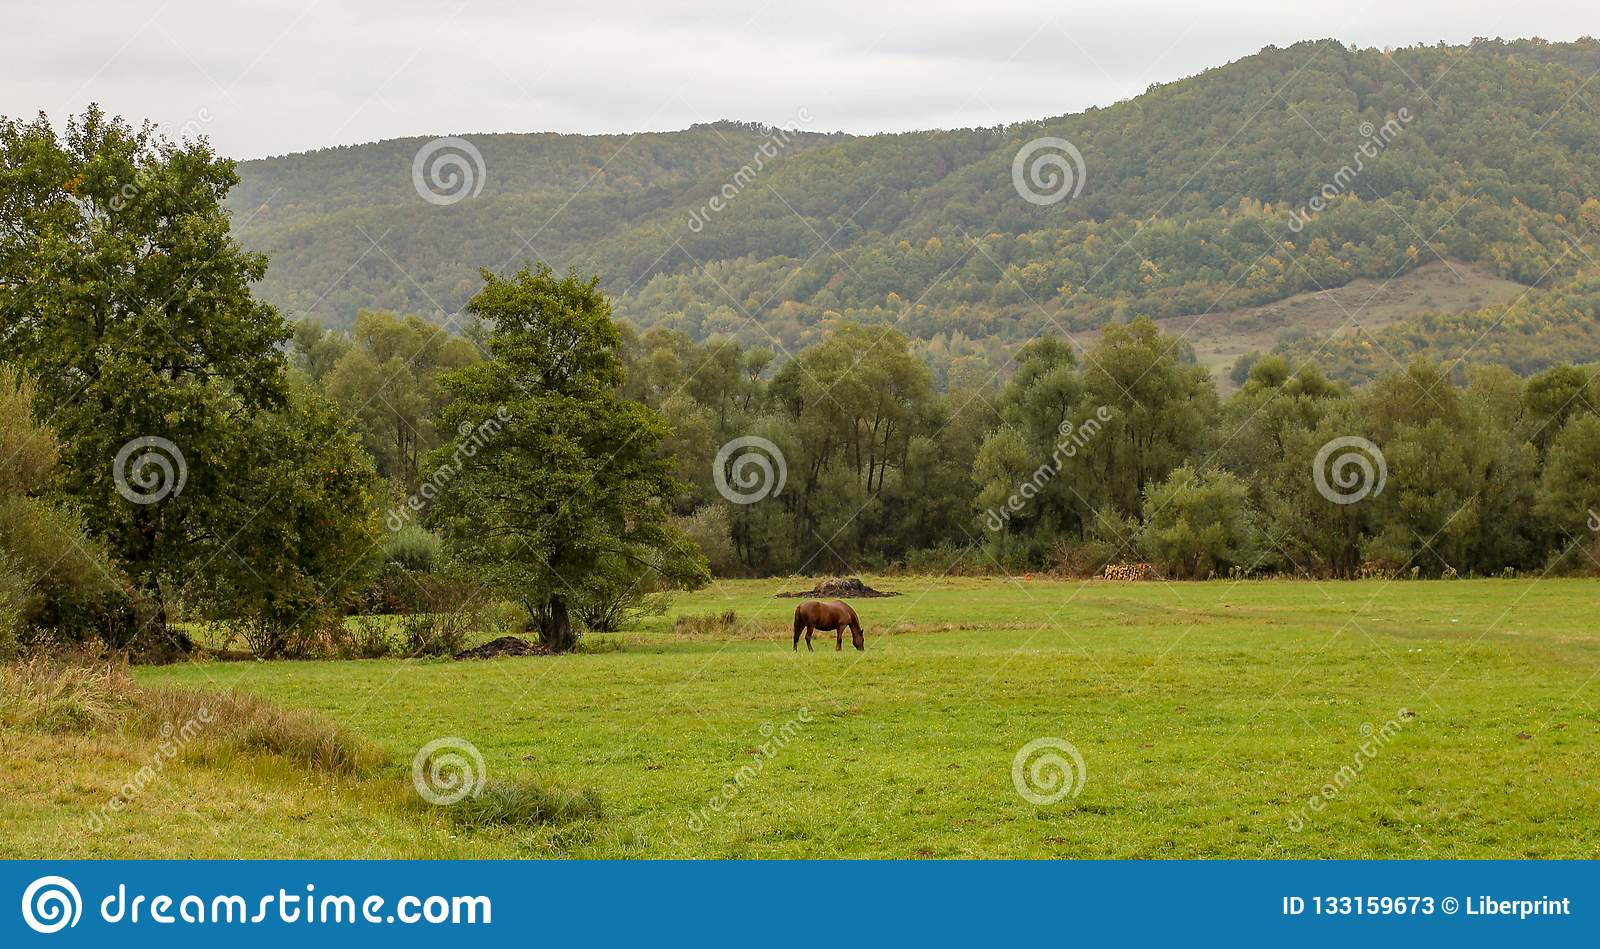 Pferd auf Wiese mit Karpatenberg im Hintergrund